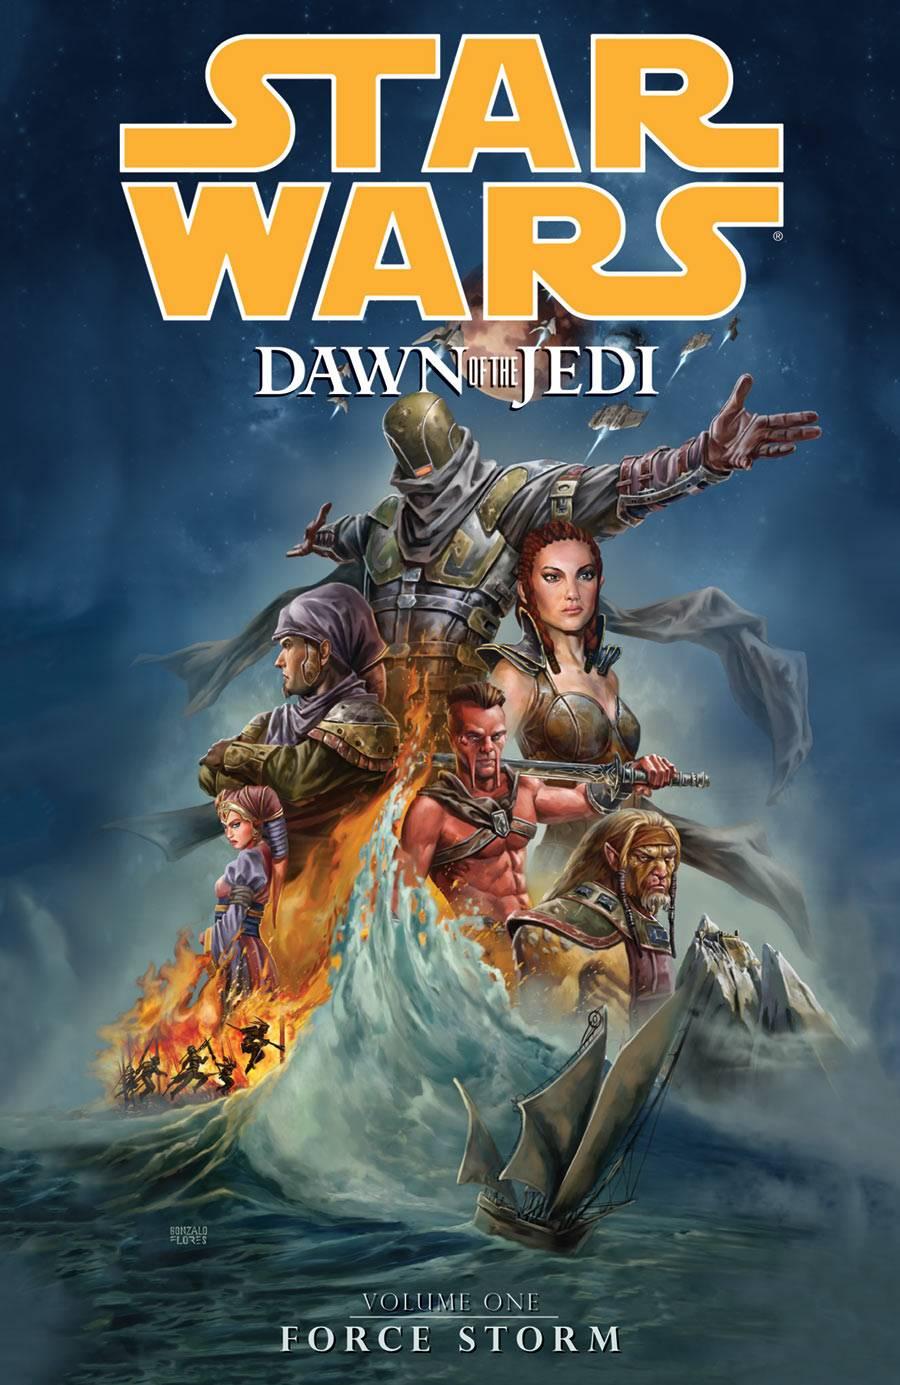 http://1.bp.blogspot.com/-54hMjE6rQoU/T_zW7ViahjI/AAAAAAAAC6Y/A1nsJdu8D1g/s1600/Star+Wars+Dawn+of+the+Jedi+Force+Storm+TPB.jpg